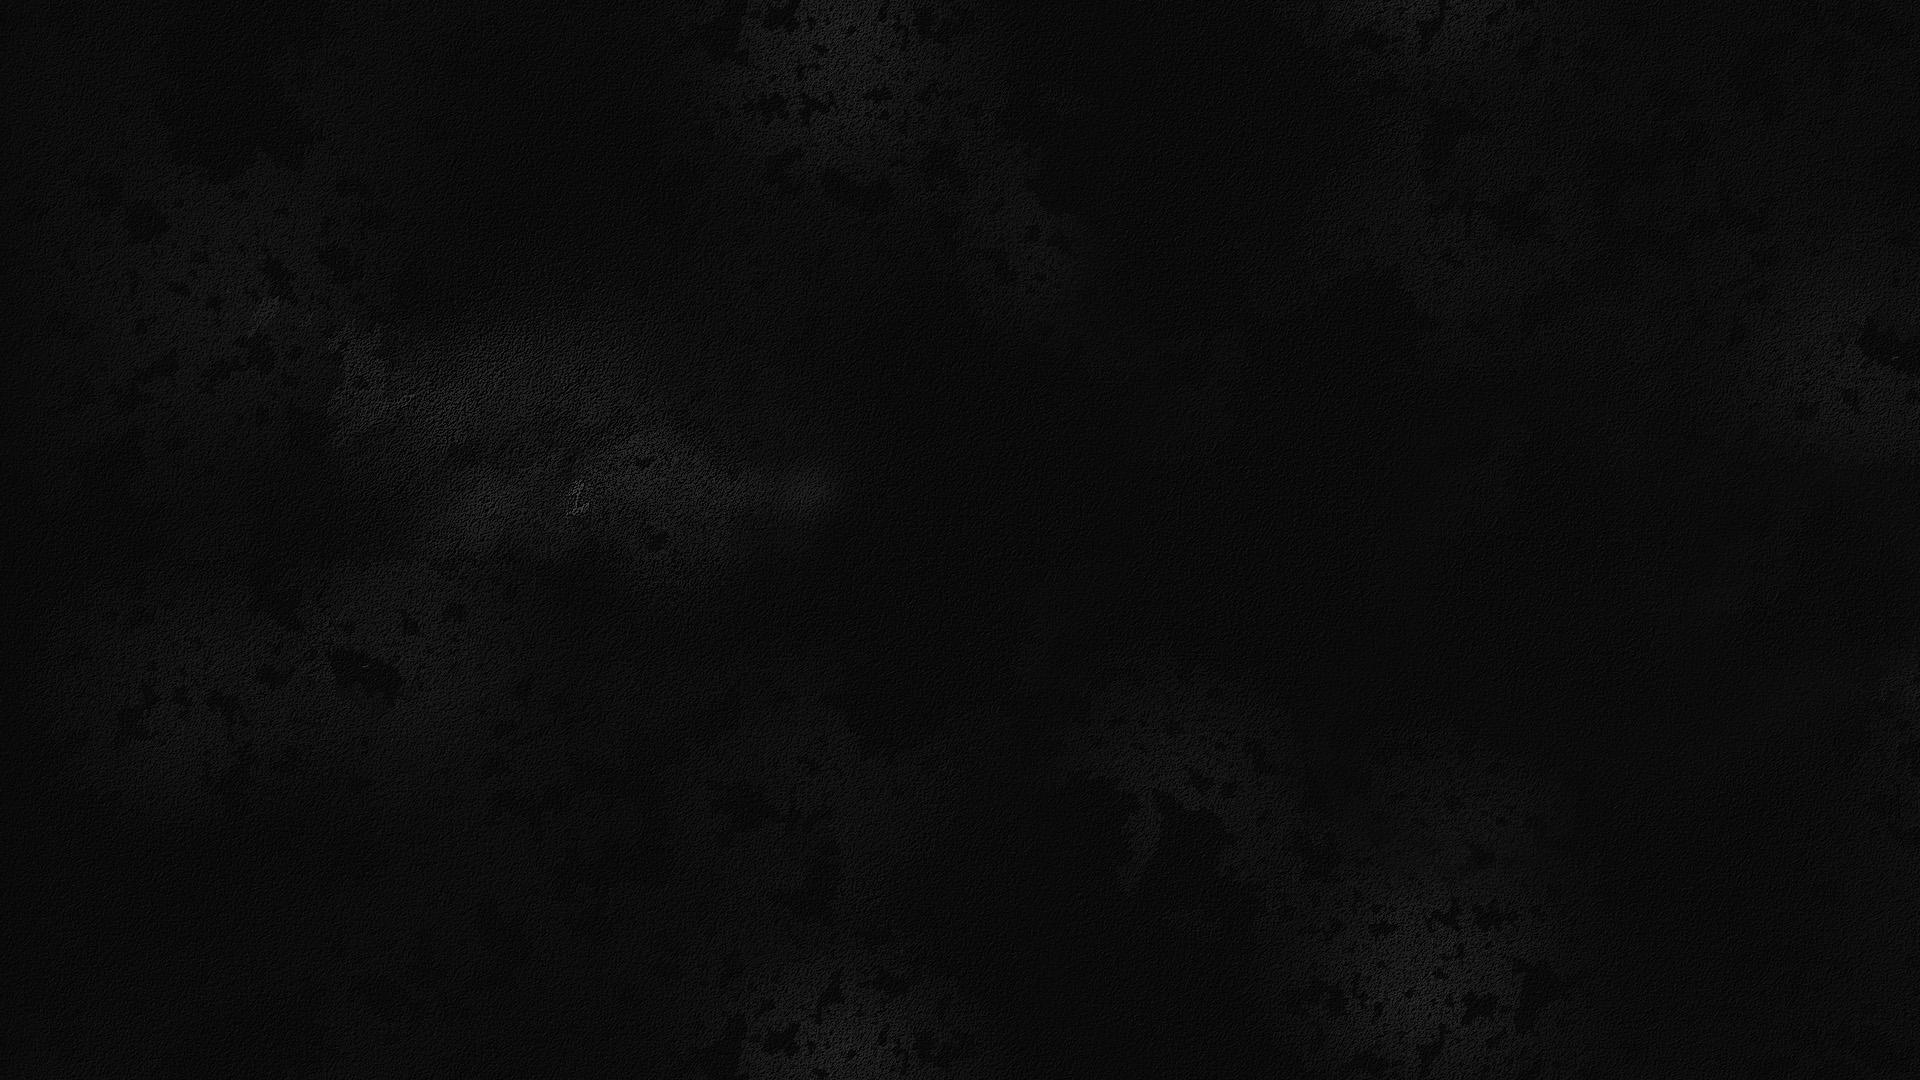 Черный фон своими руками